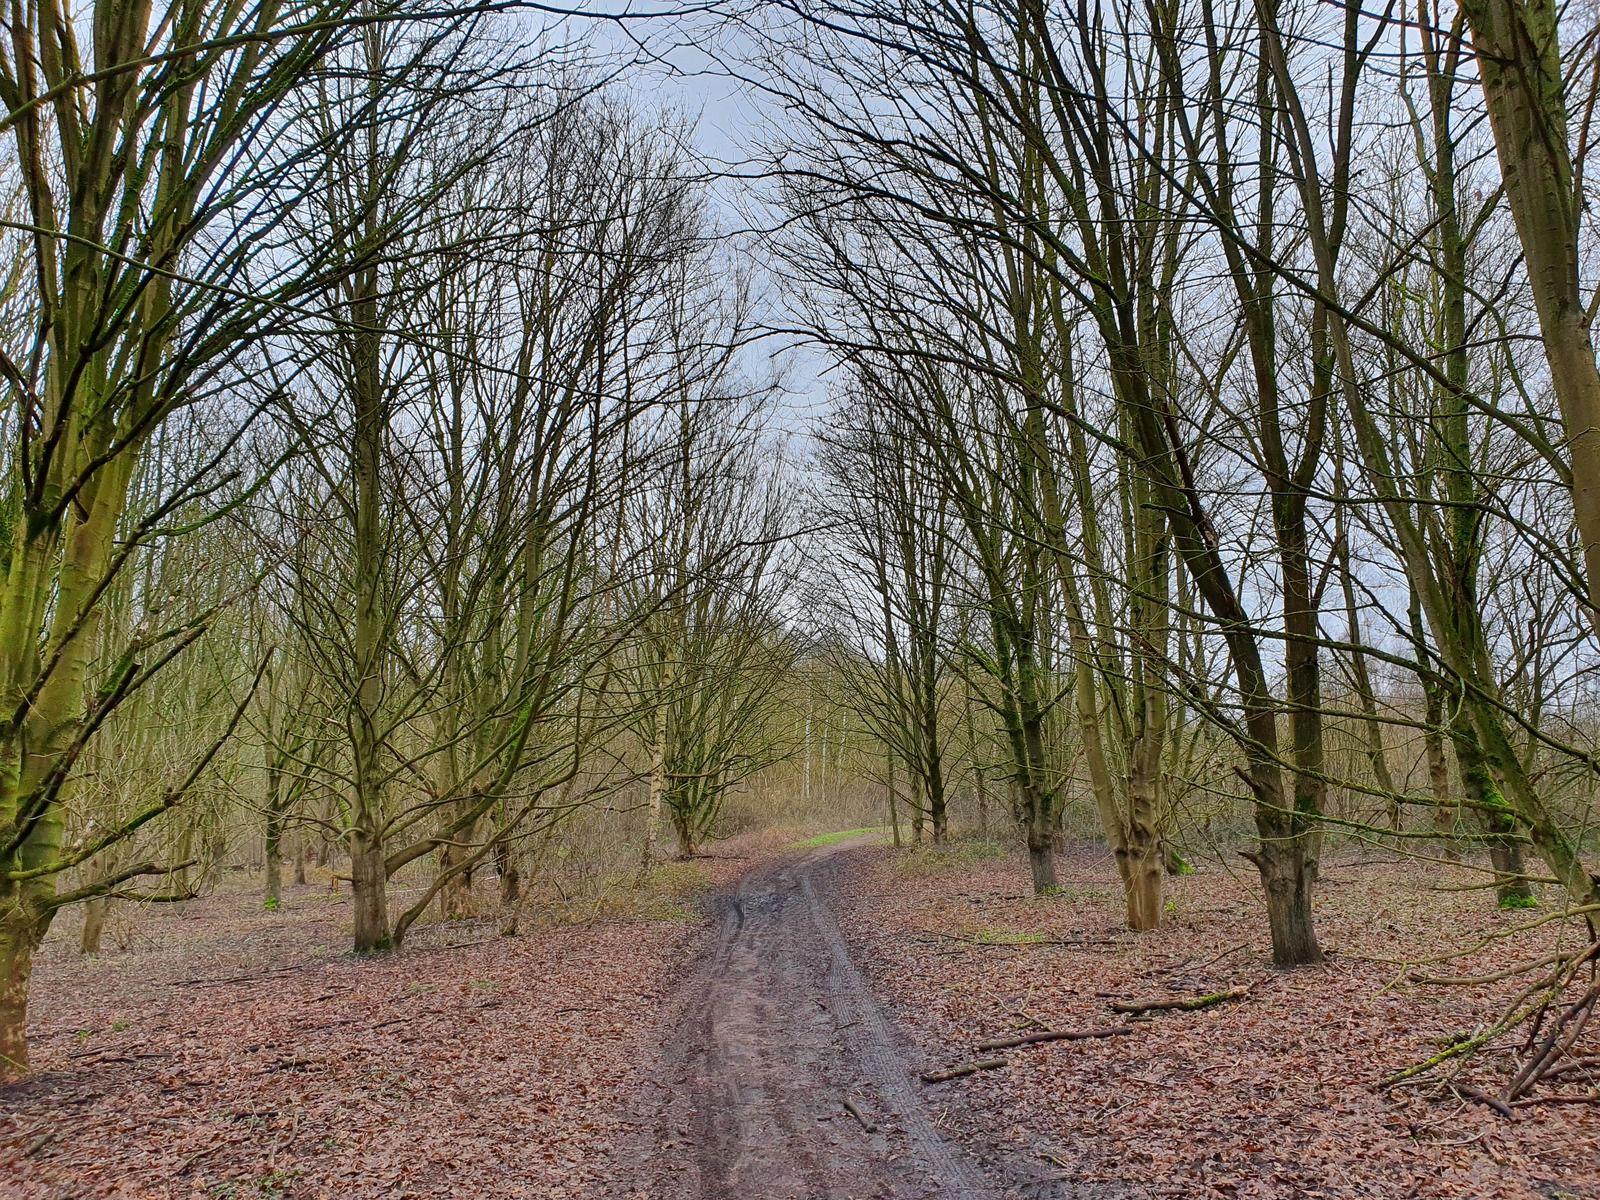 Parc de Nature et de Loisirs, Wingles